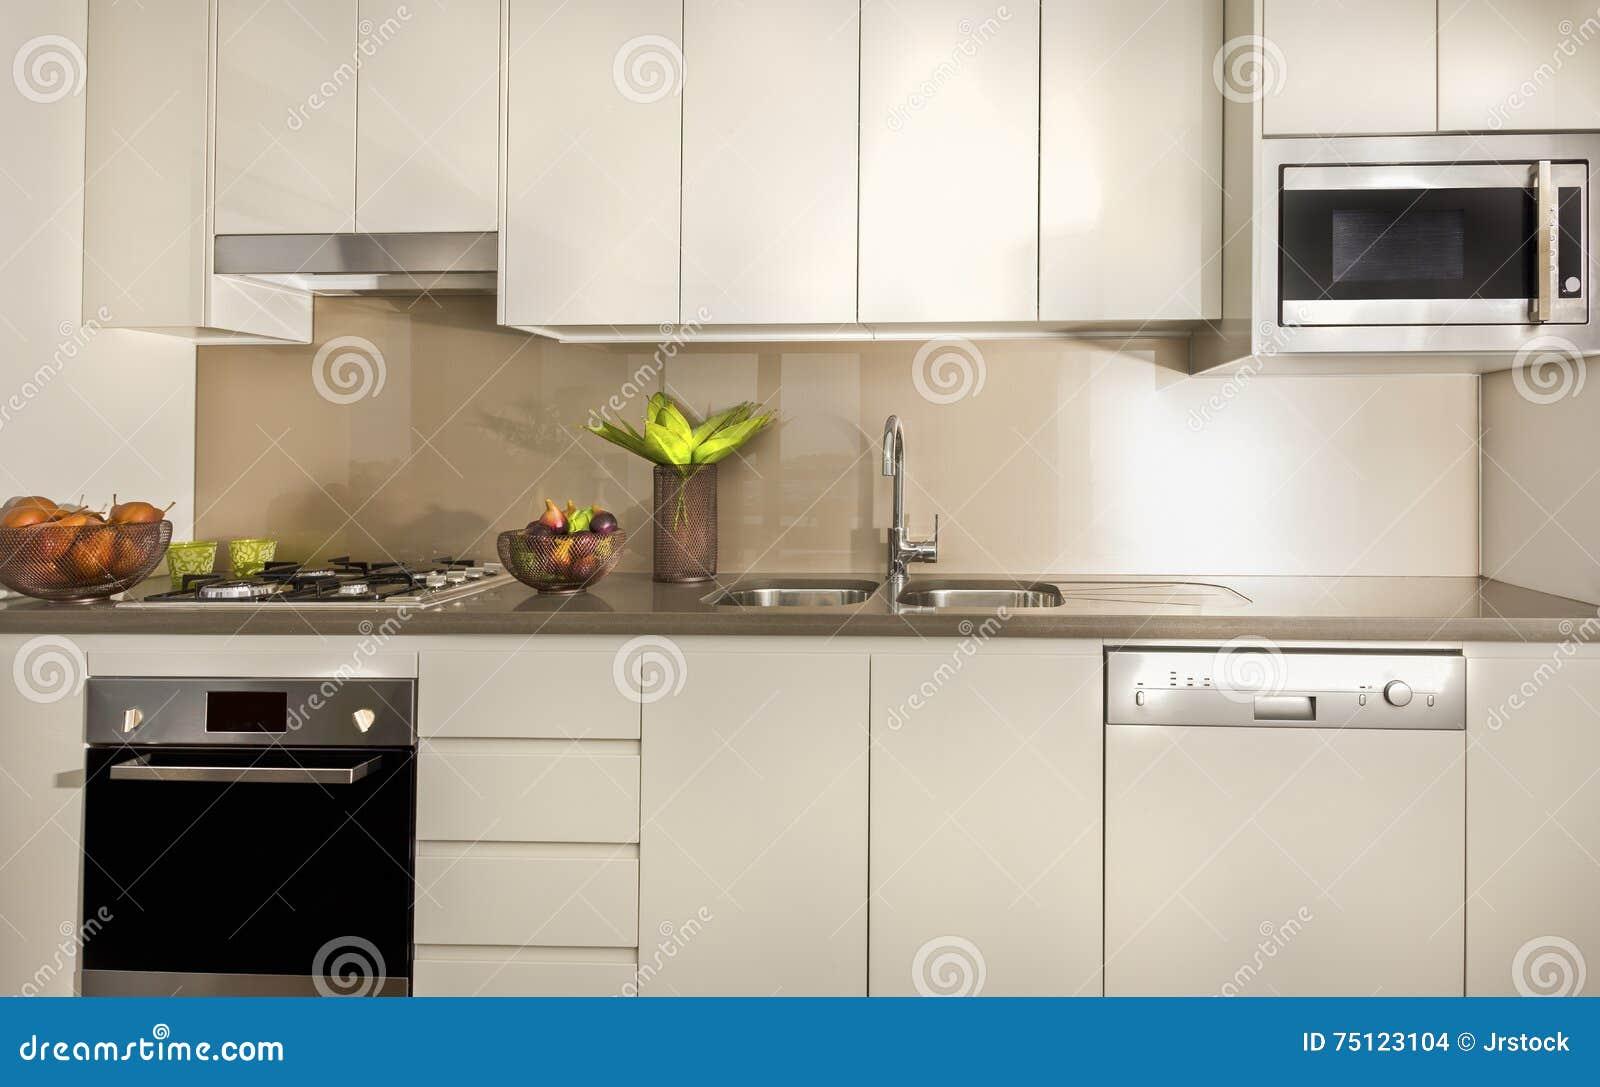 Cozinha moderna com armários da despensa e parte superior contrária